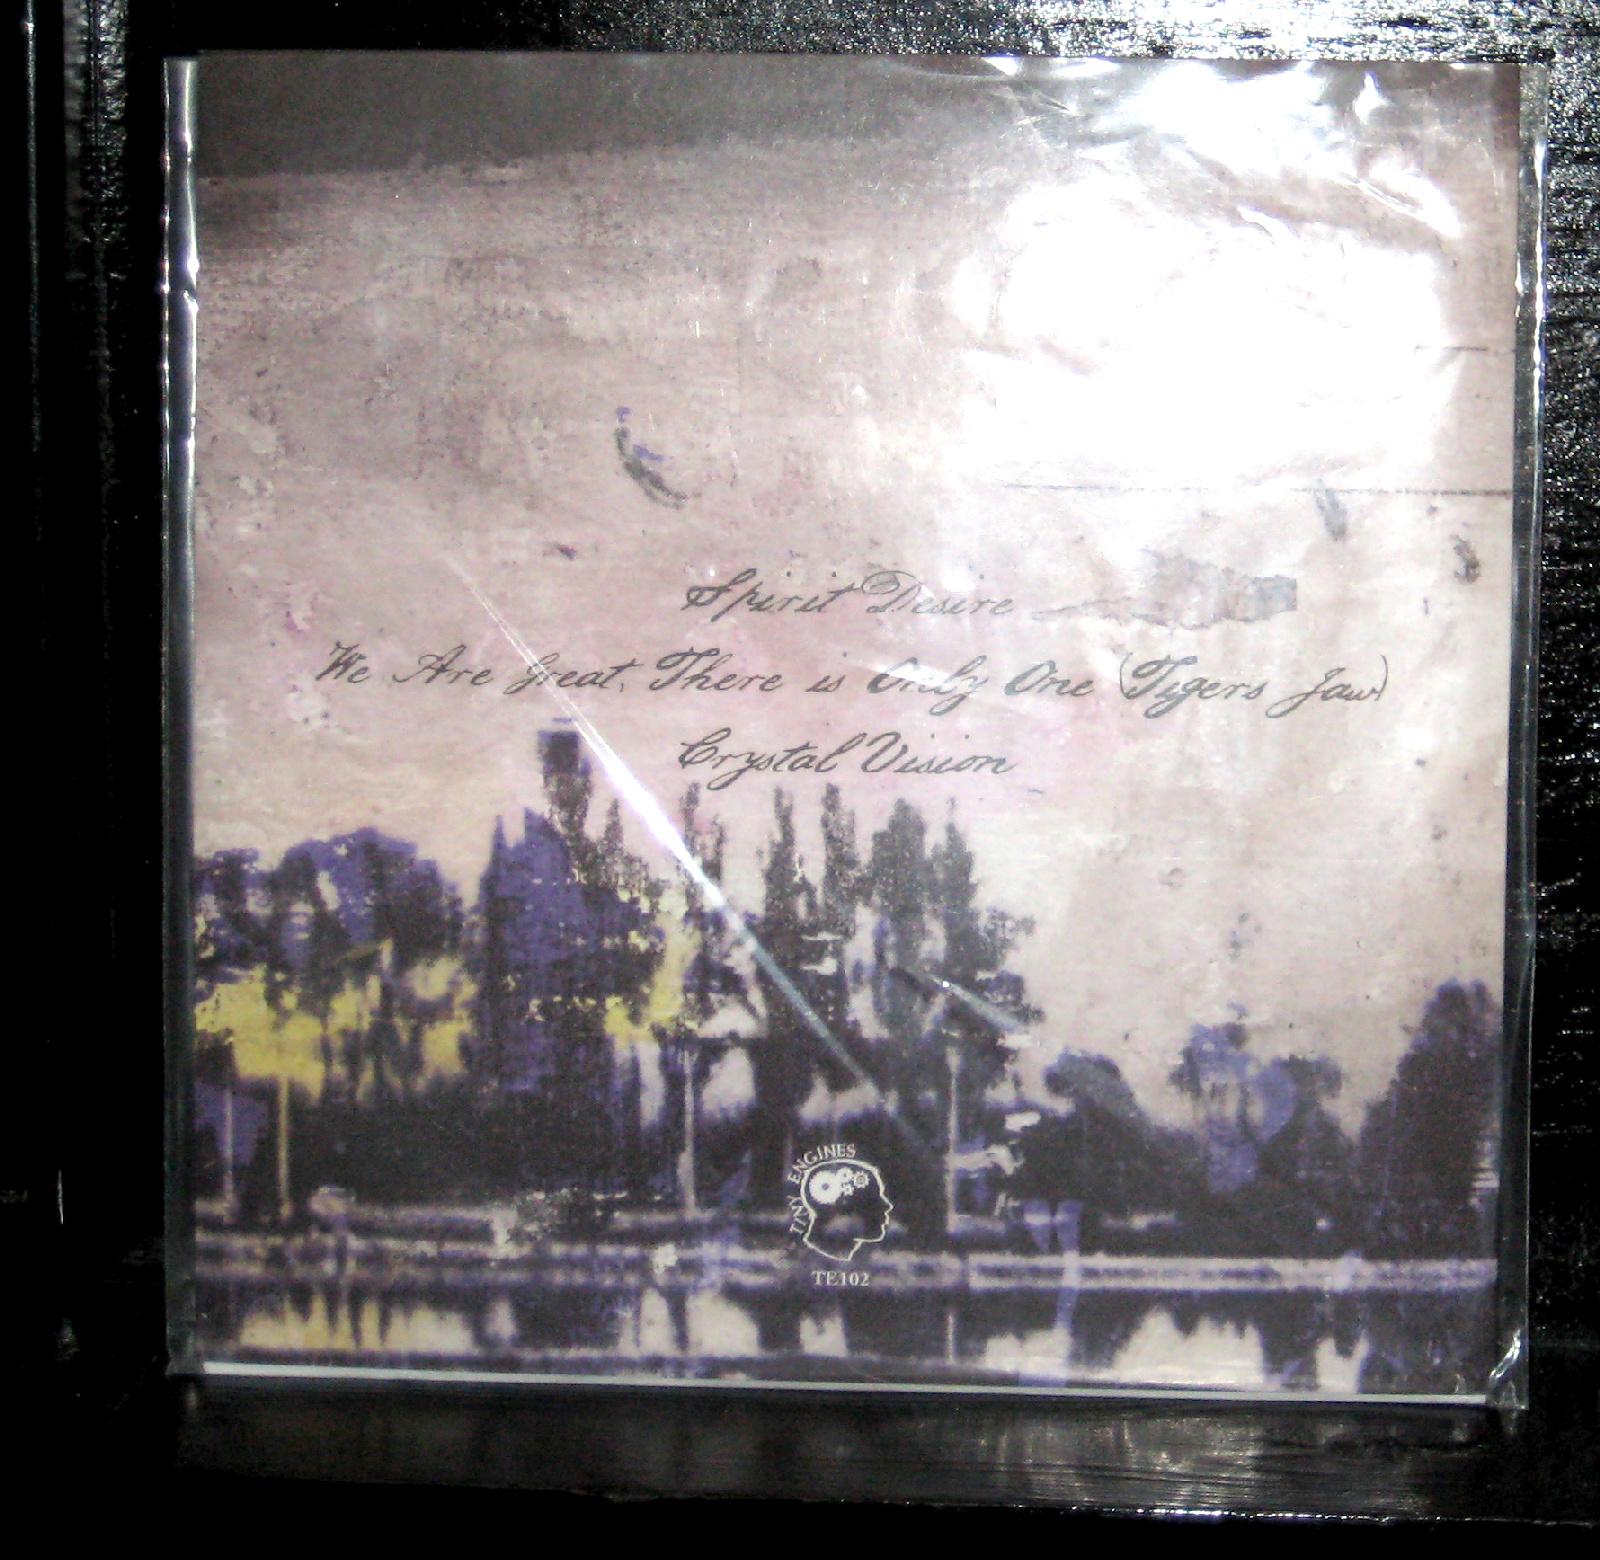 Tigers Jaw Spirit Desire Mint 7 Quot Opaque Red Vinyl 2013